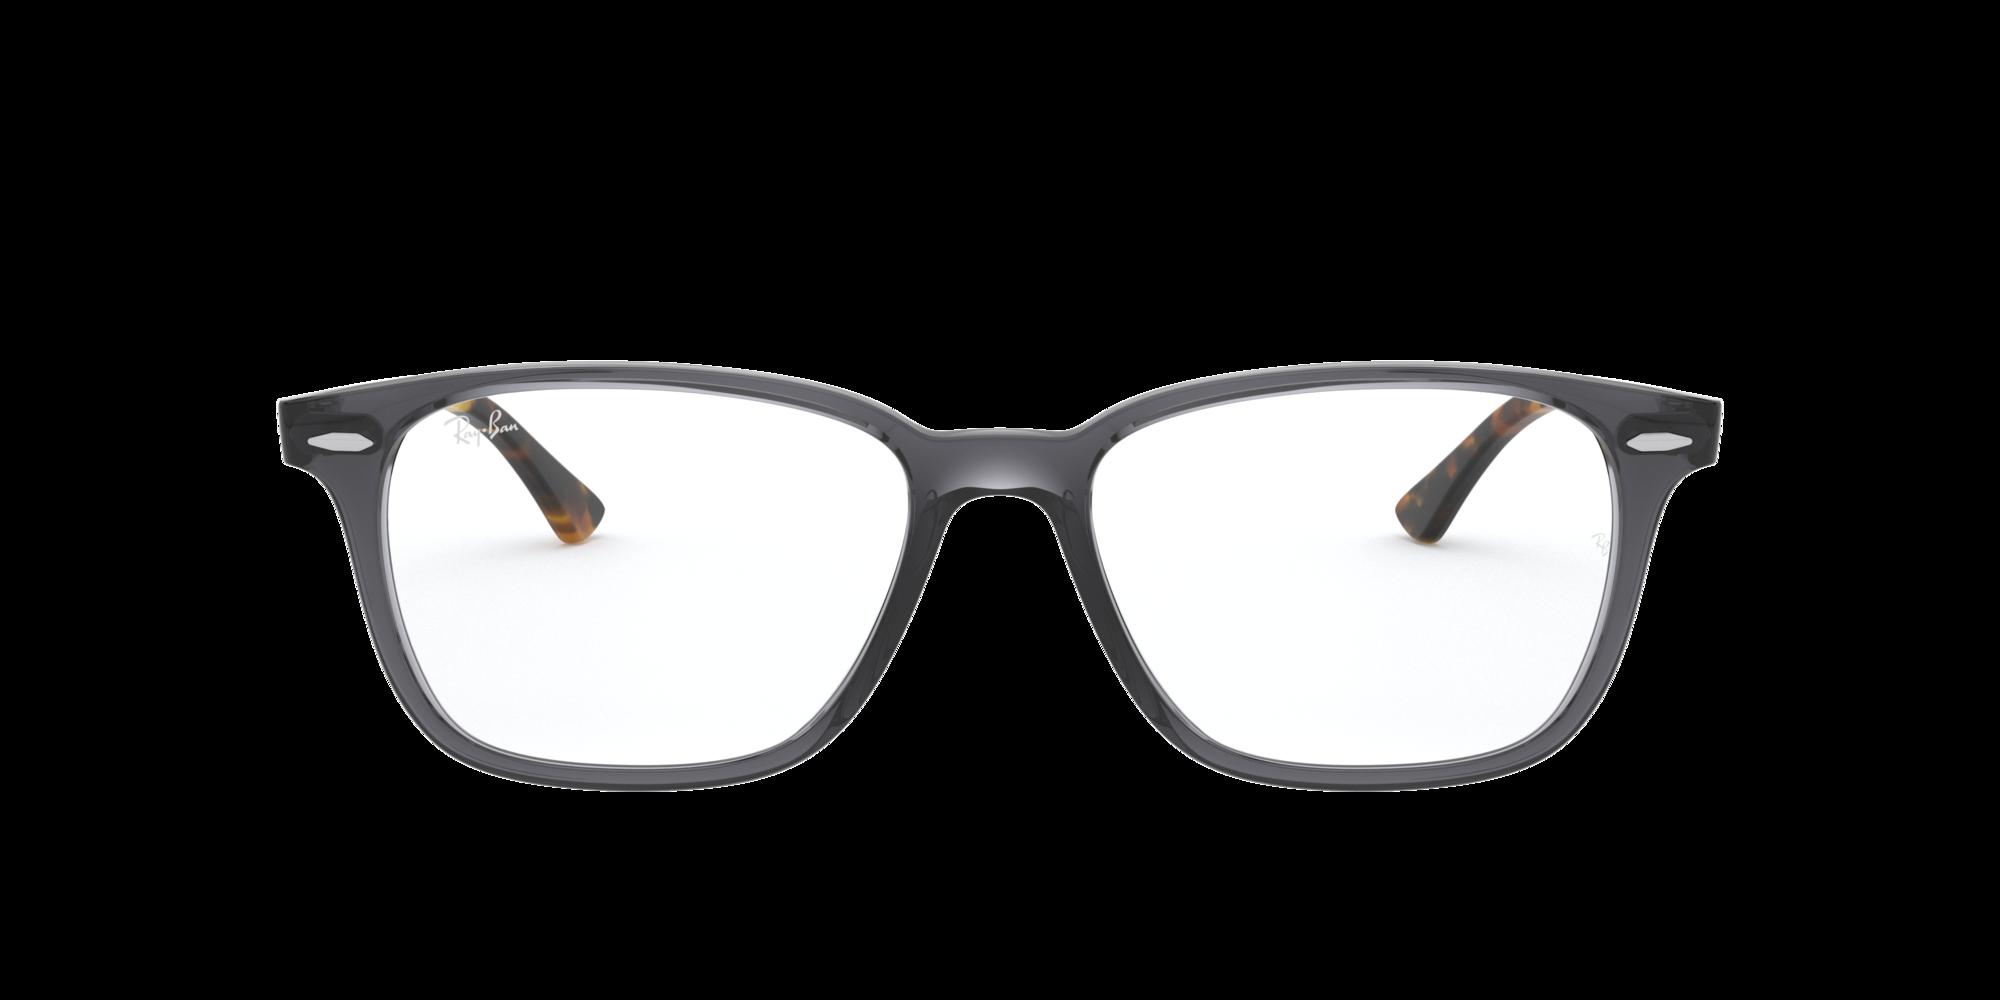 Imagen para RX7119 de LensCrafters |  Espejuelos, espejuelos graduados en línea, gafas